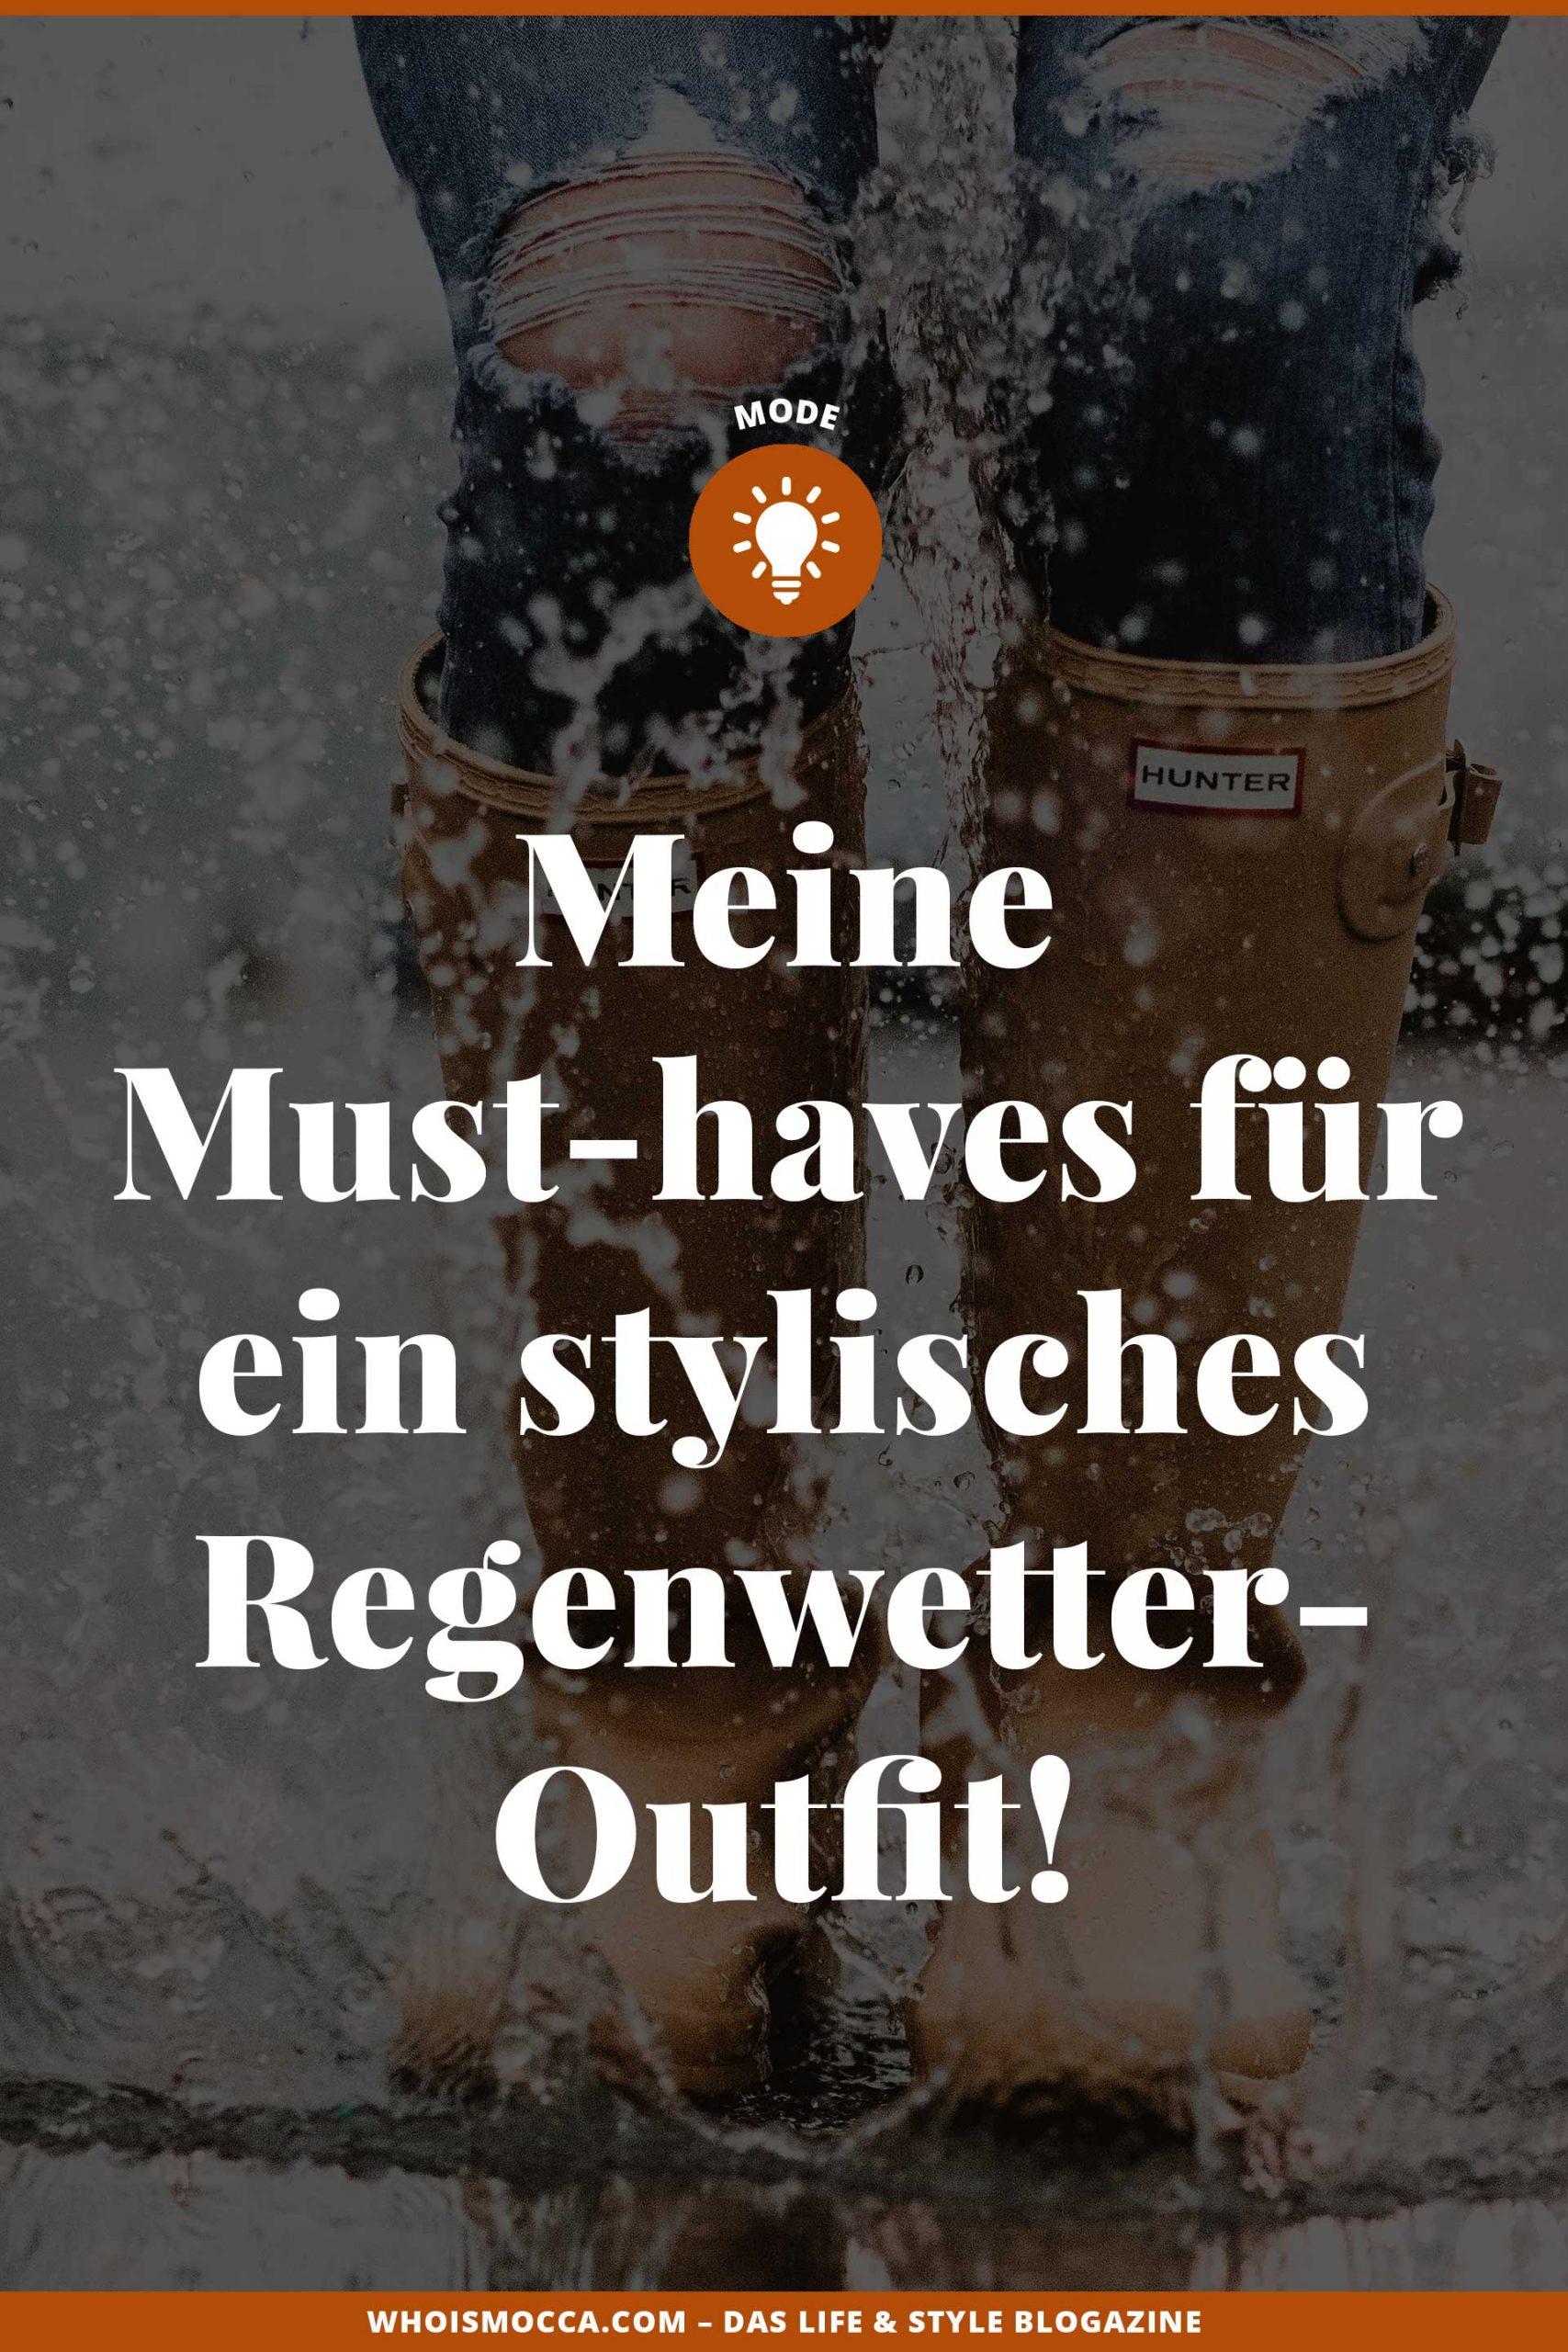 Meine Must-haves für ein stylisches Regenwetter-Outfit gibt's jetzt am Modeblog WHOISMOCCA.COM